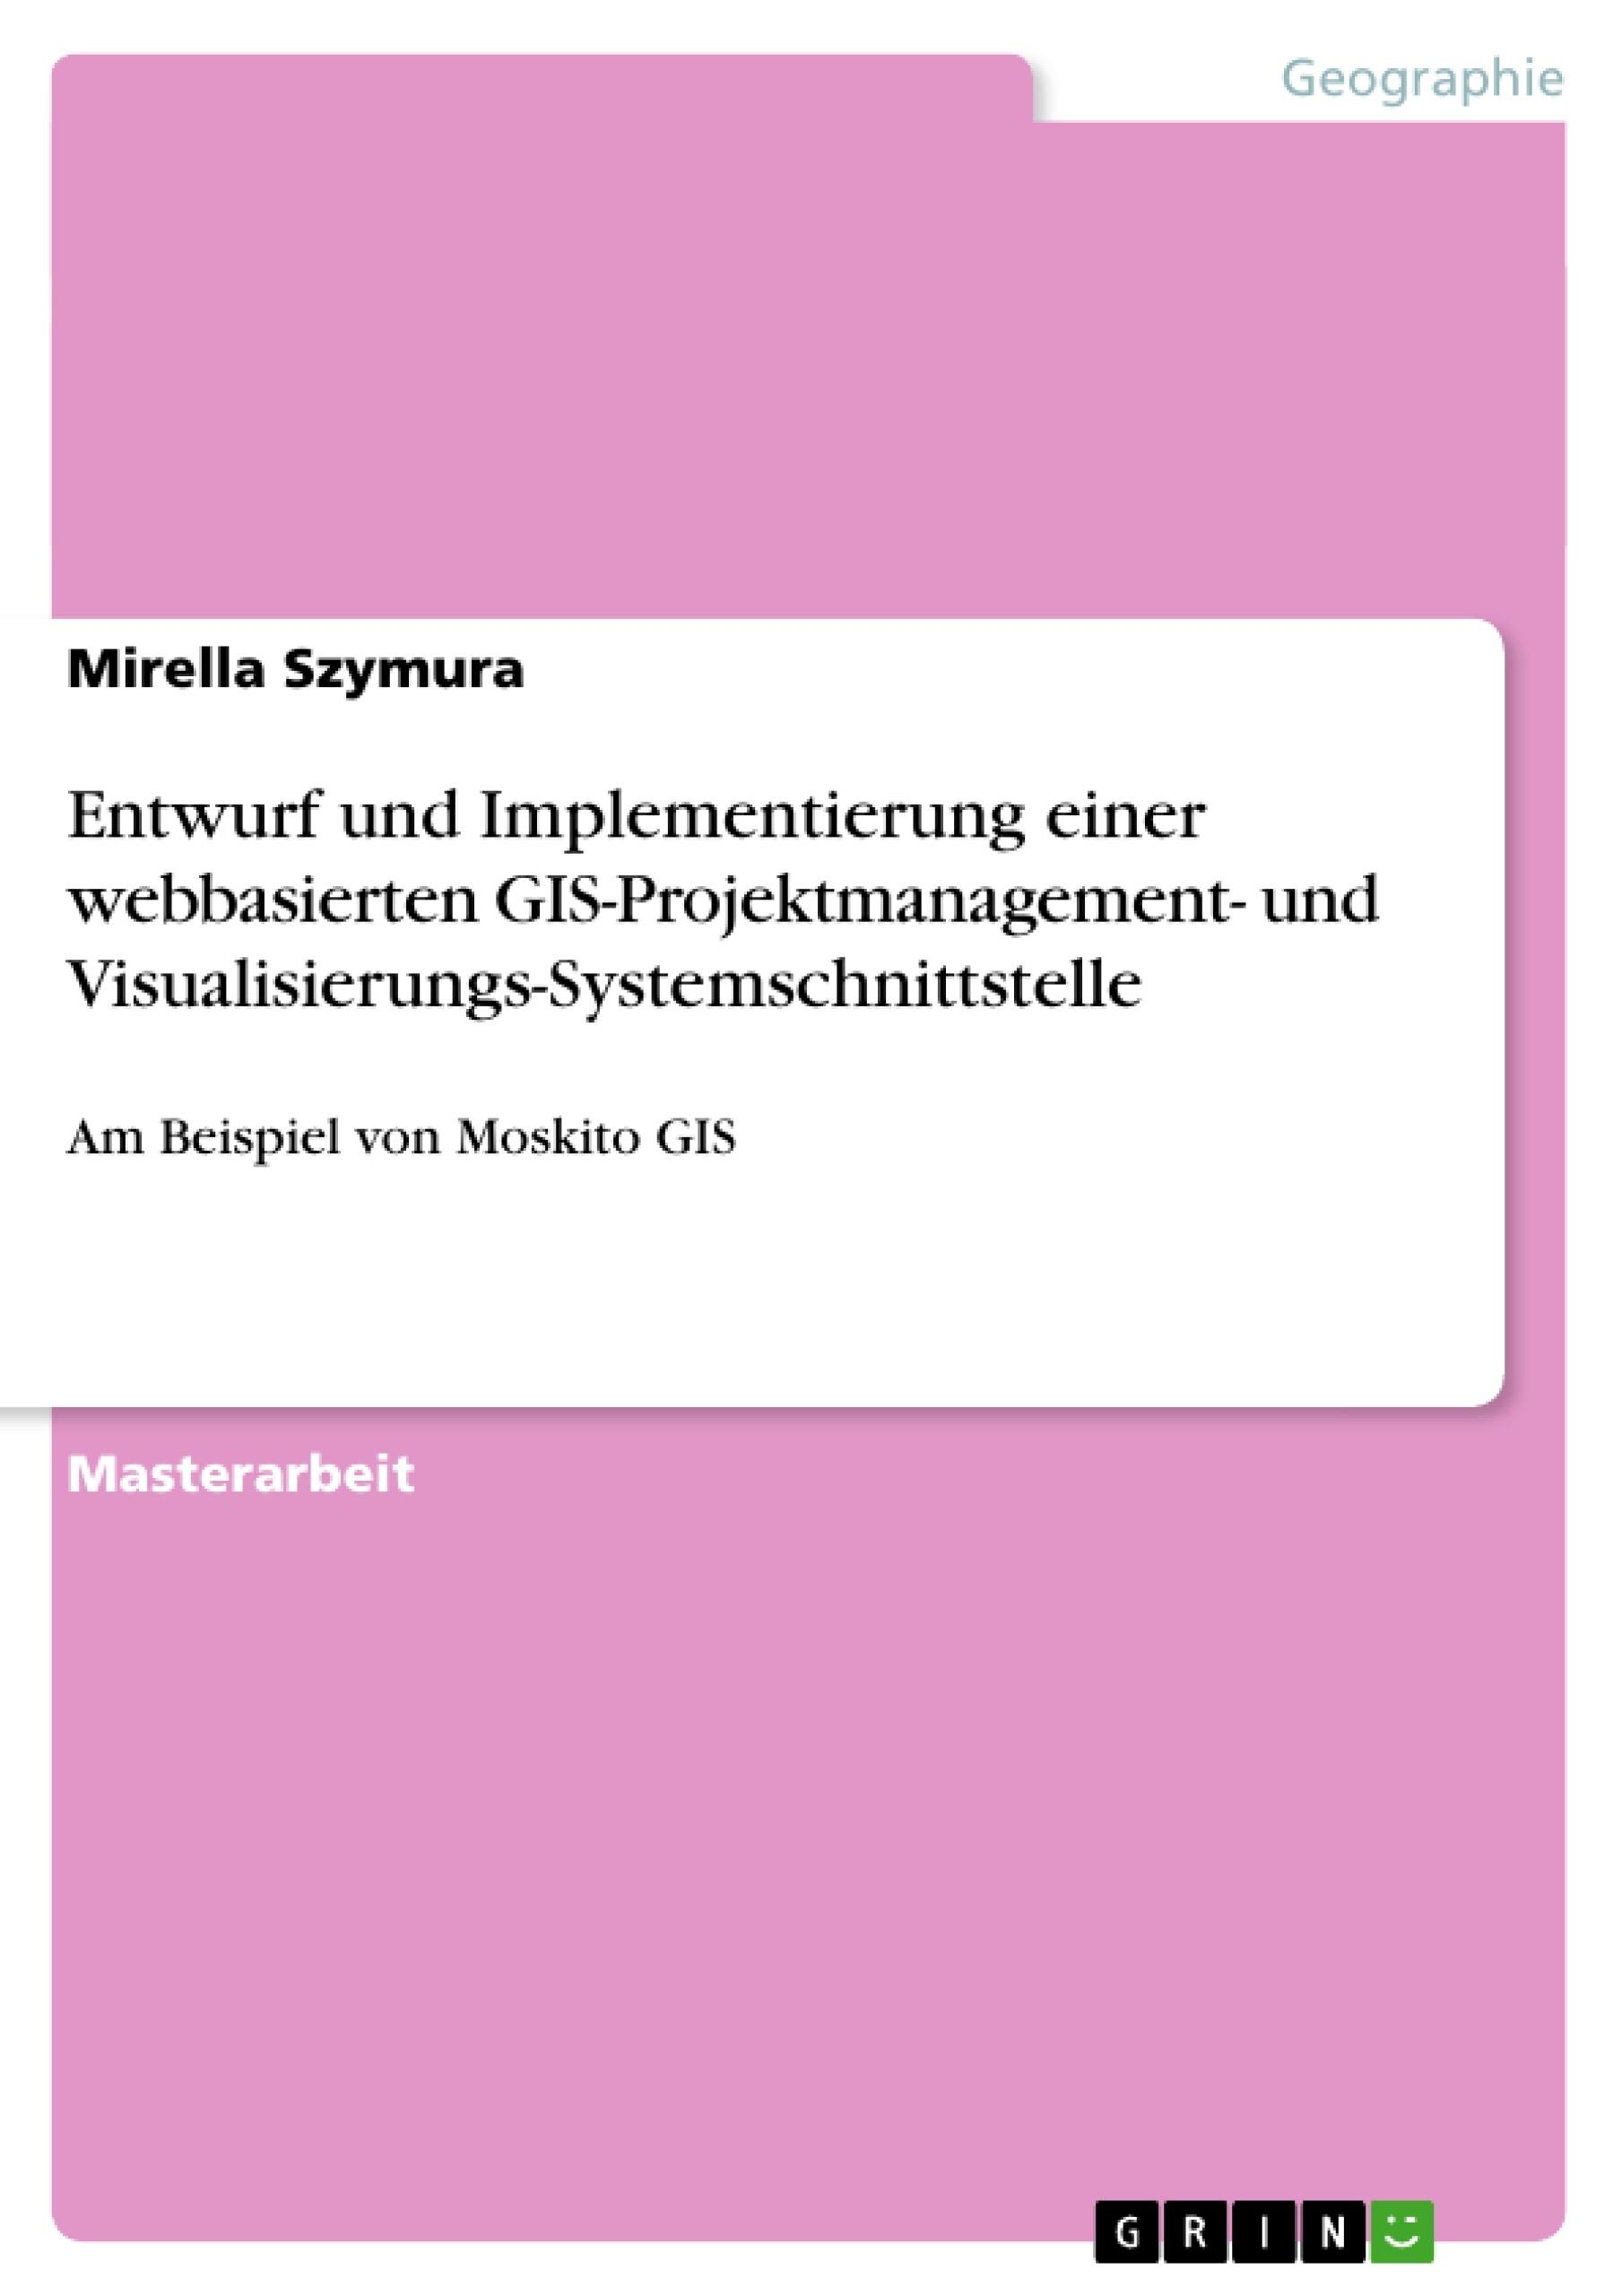 Titel: Entwurf und Implementierung einer webbasierten GIS-Projektmanagement- und Visualisierungs-Systemschnittstelle